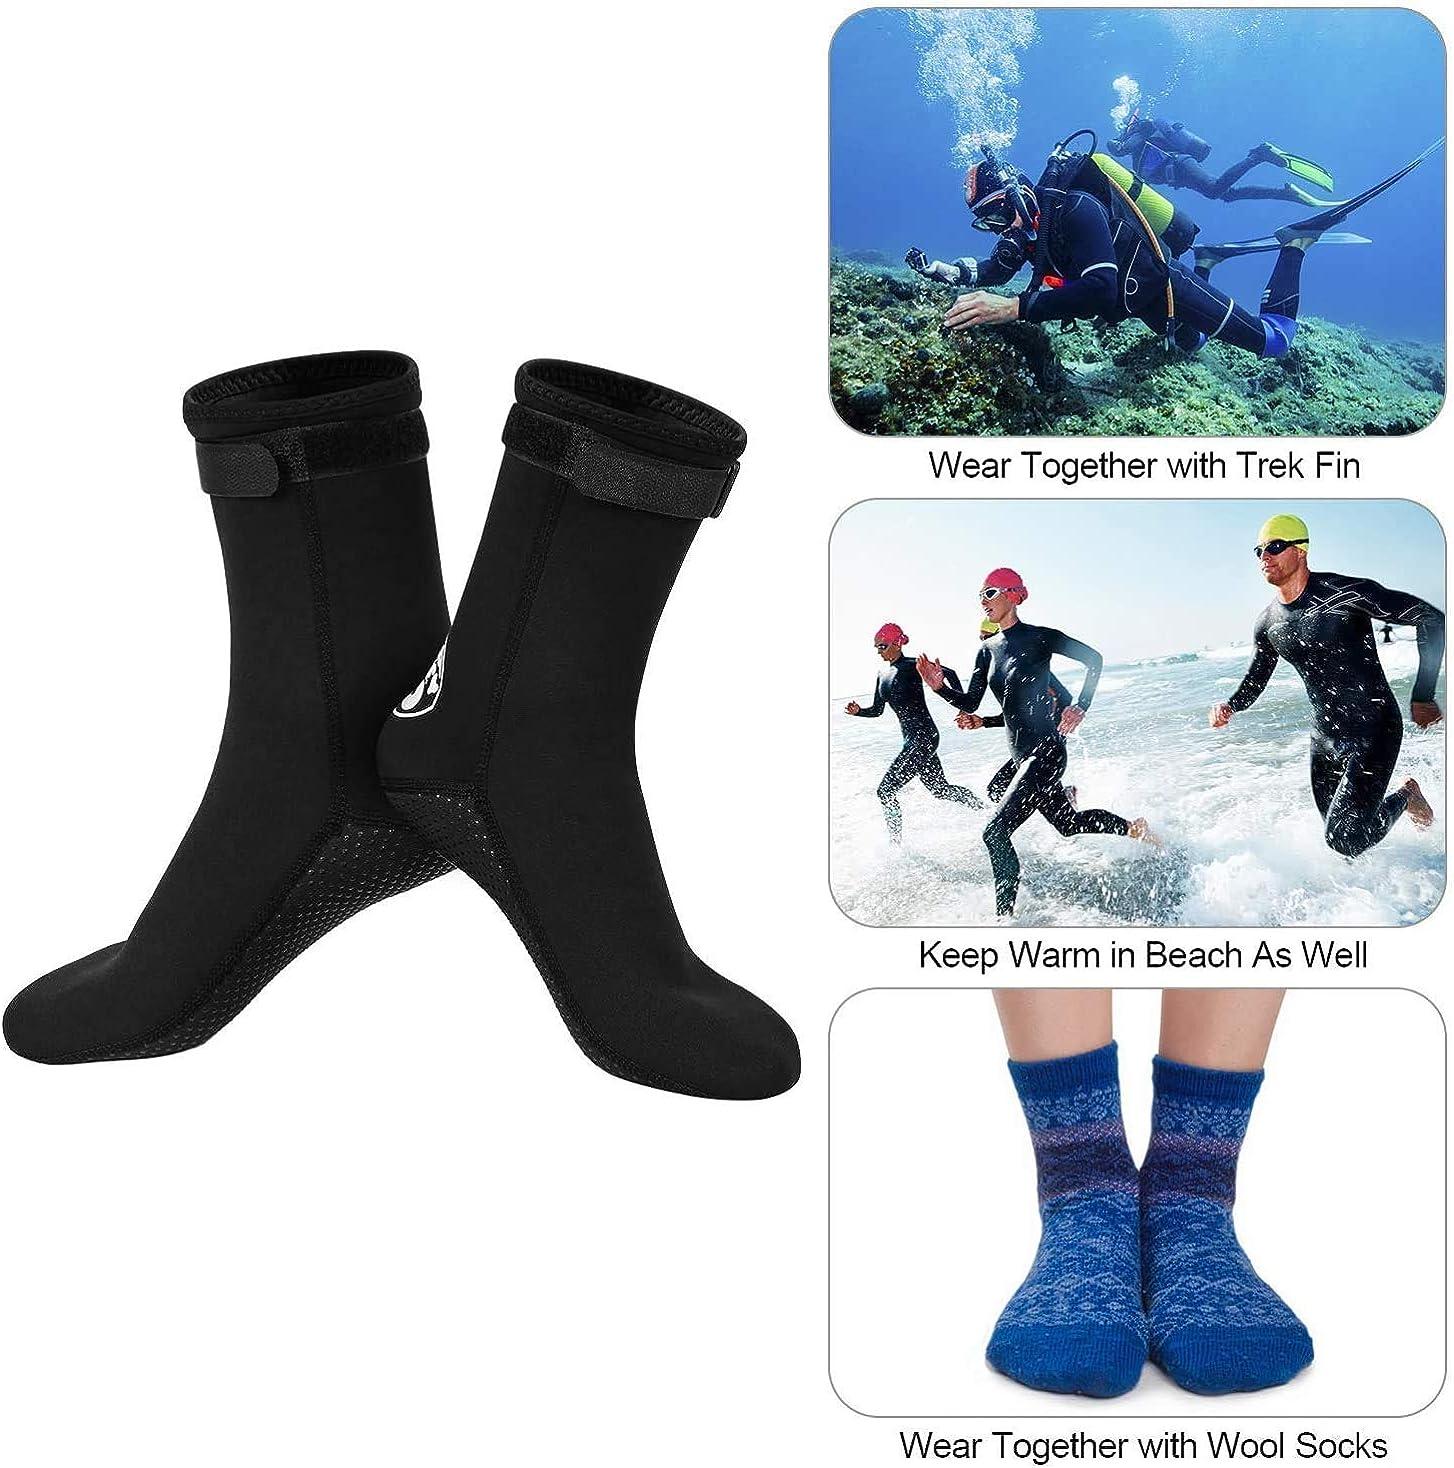 kayak Pour natation voile Pour homme et femme YJZQ Chaussettes thermiques antid/érapantes en n/éopr/ène de 3 mm pour plong/ée sous-marine sports aquatiques surf